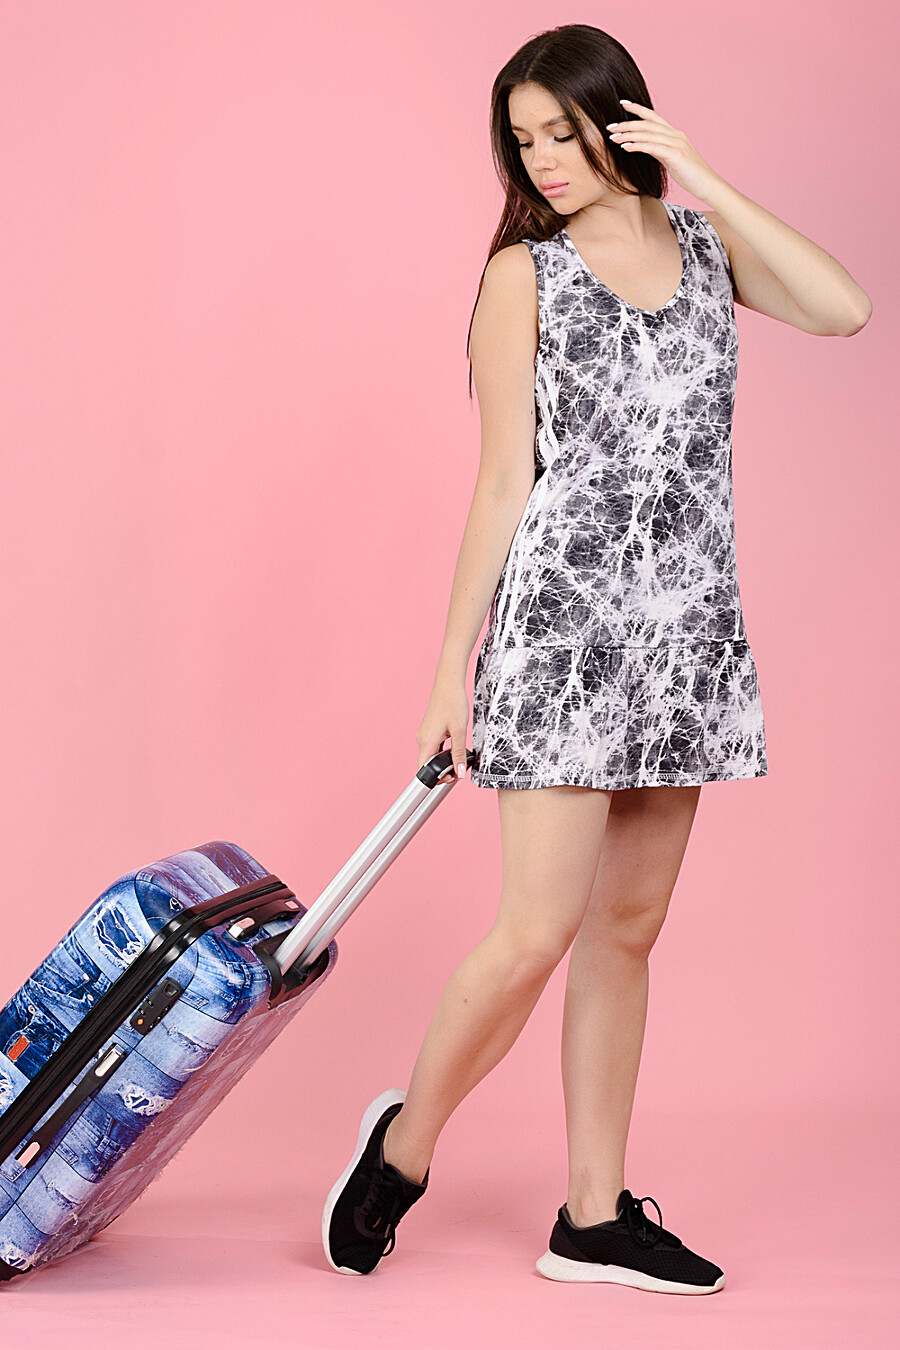 Сарафан 8119 для женщин НАТАЛИ 682473 купить оптом от производителя. Совместная покупка женской одежды в OptMoyo